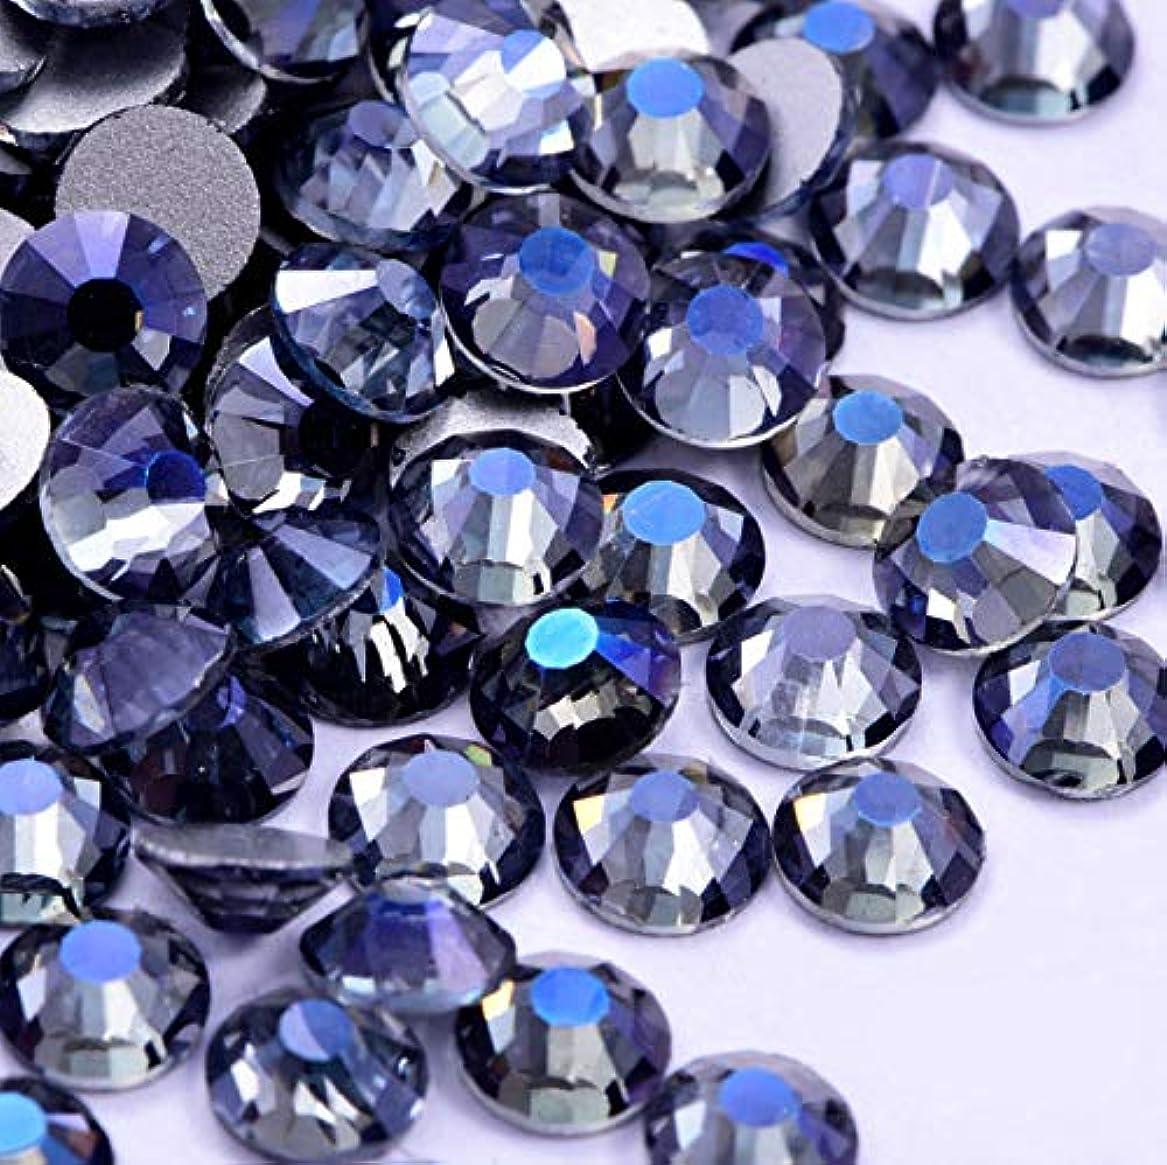 ロイヤリティええ自然【ラインストーン77】高品質ガラス製ラインストーン 色/サイズ選択可 SS3~SS50 (パープルゴースト, SS20:約4.7mm(約120粒))